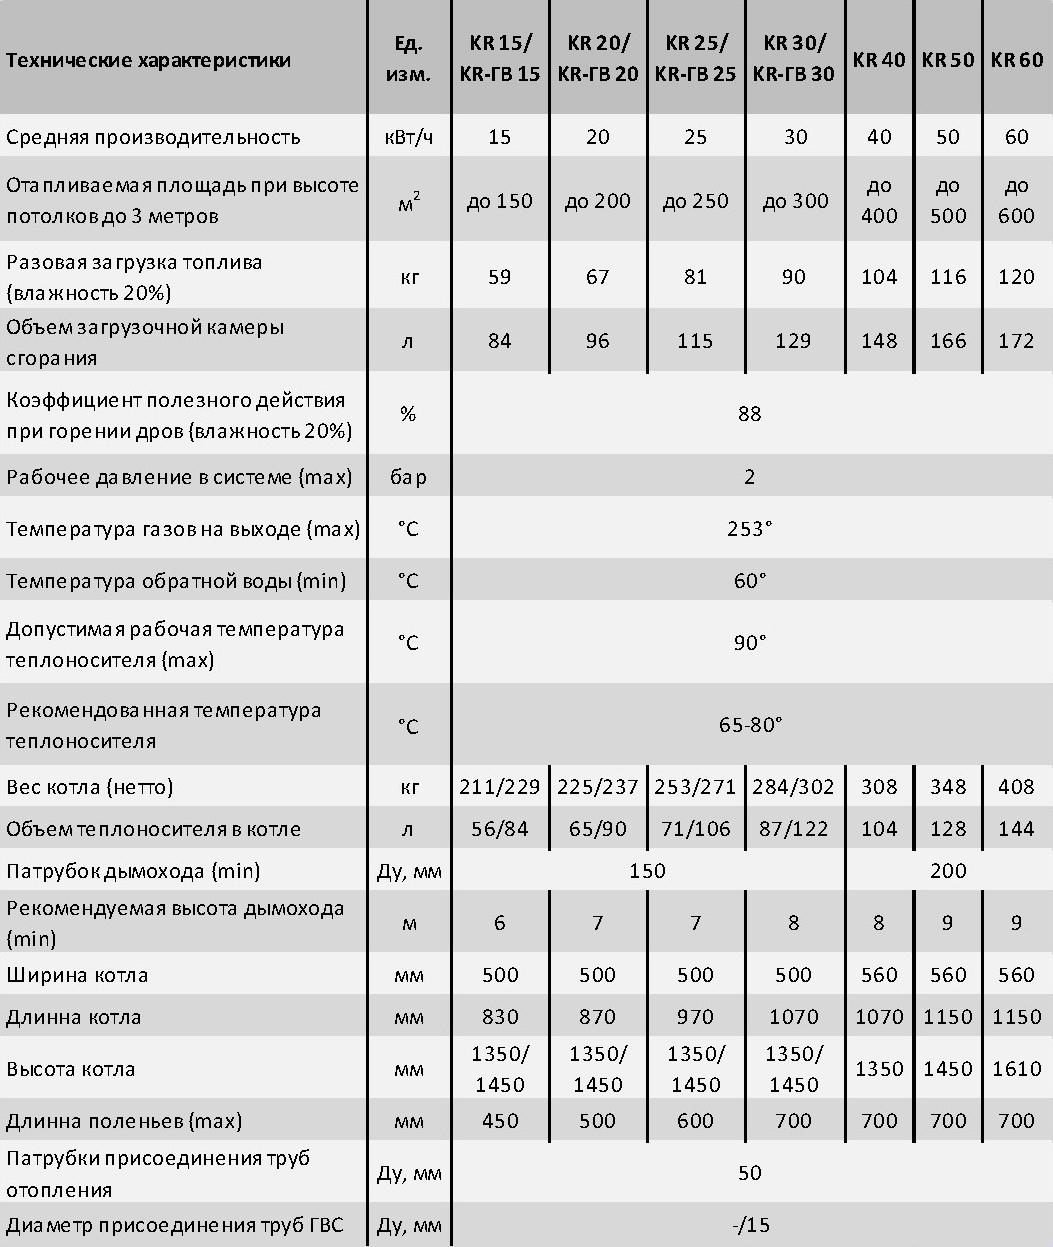 Таблица сравнительных характеристик котлов Dragon KR